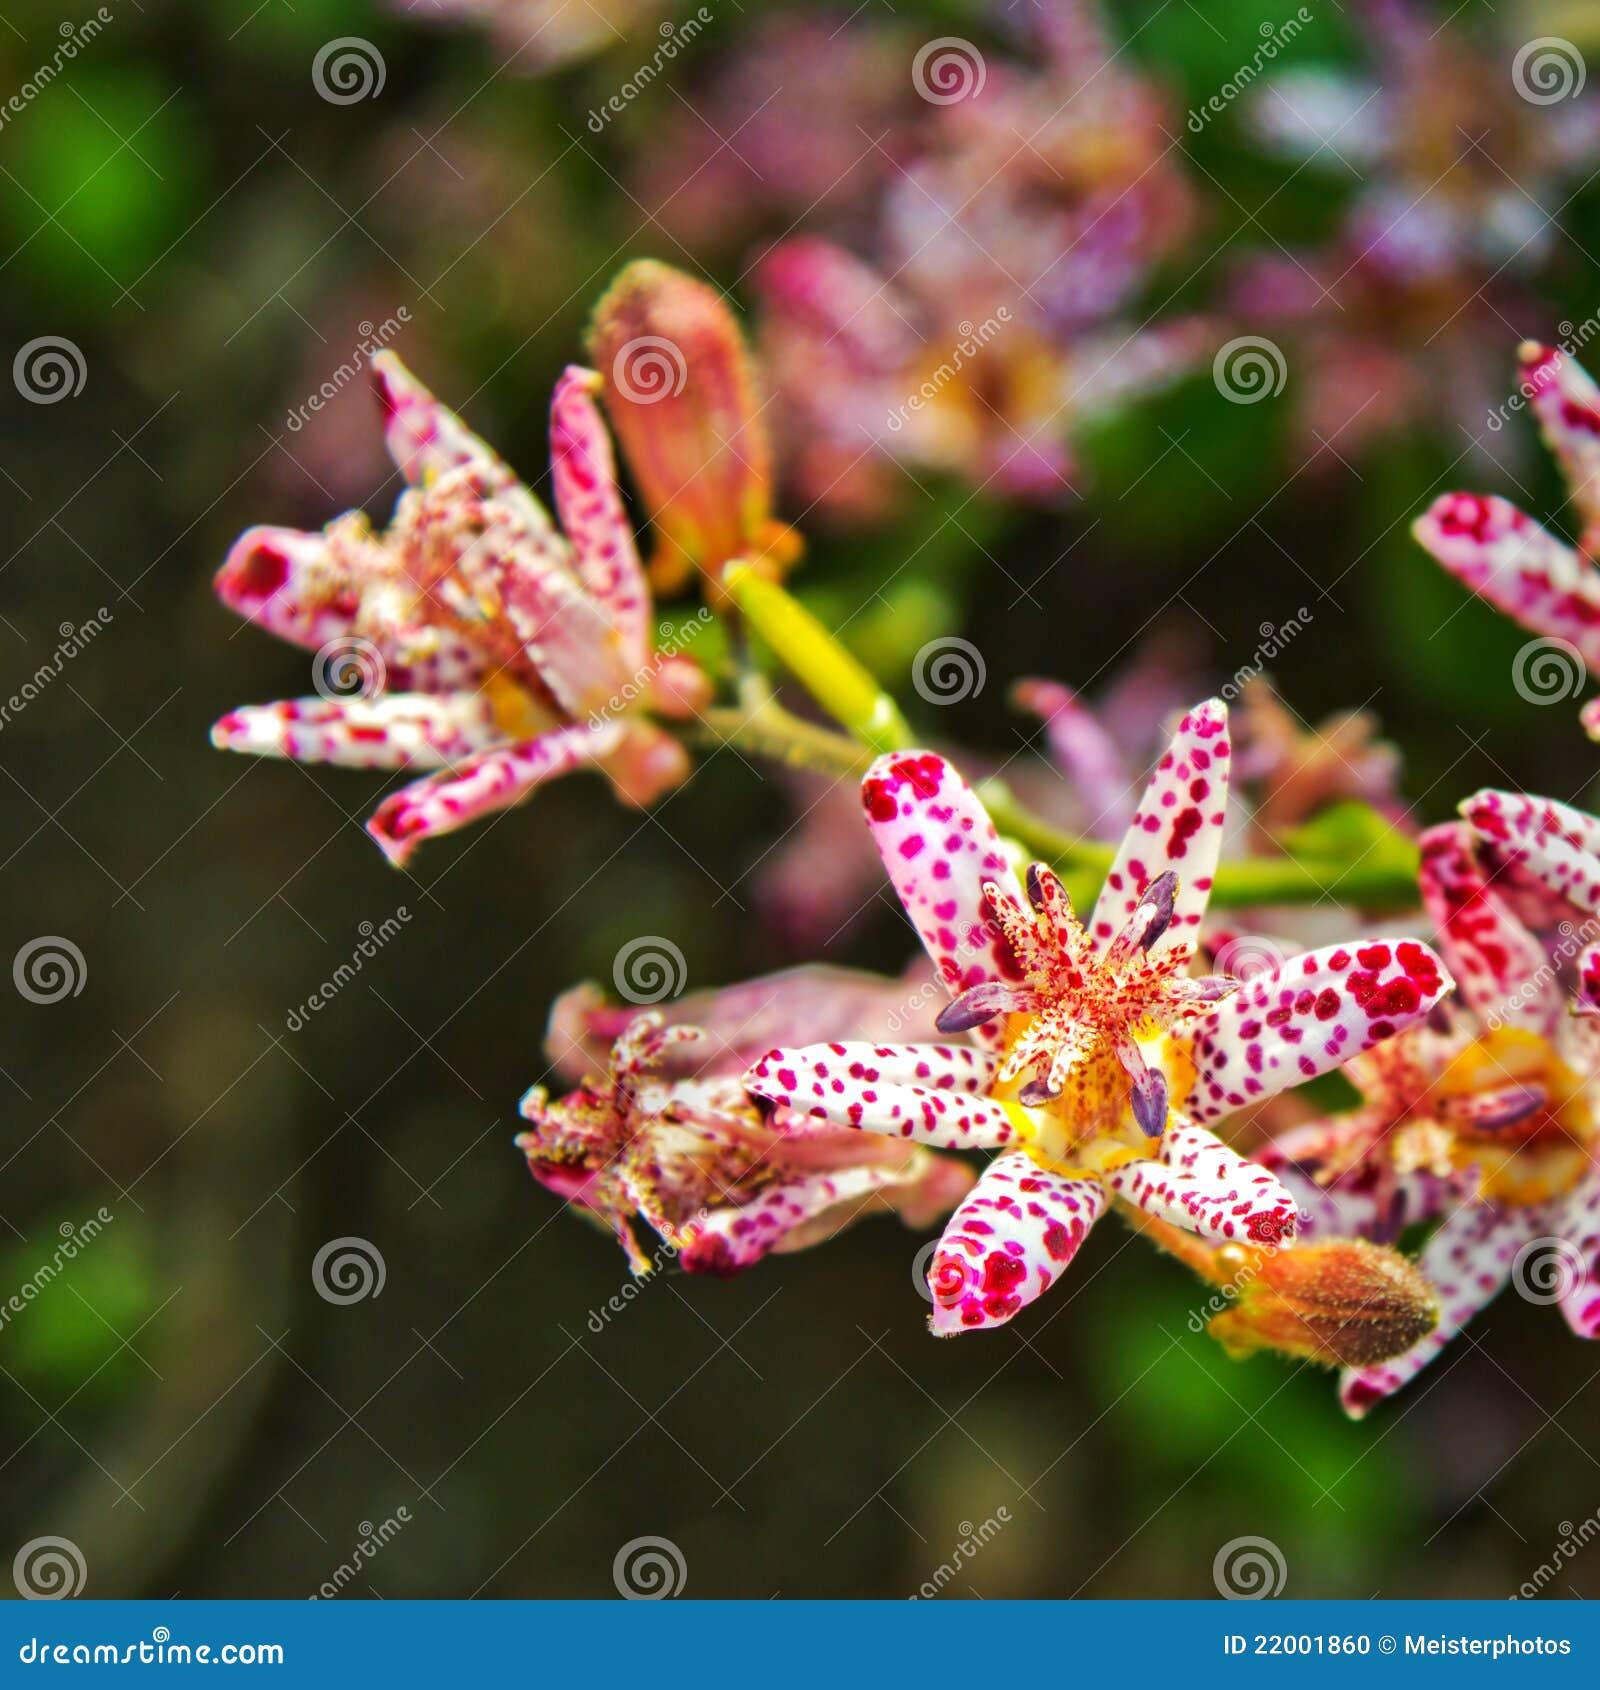 Kröten-Lilie tricyrtis formosana